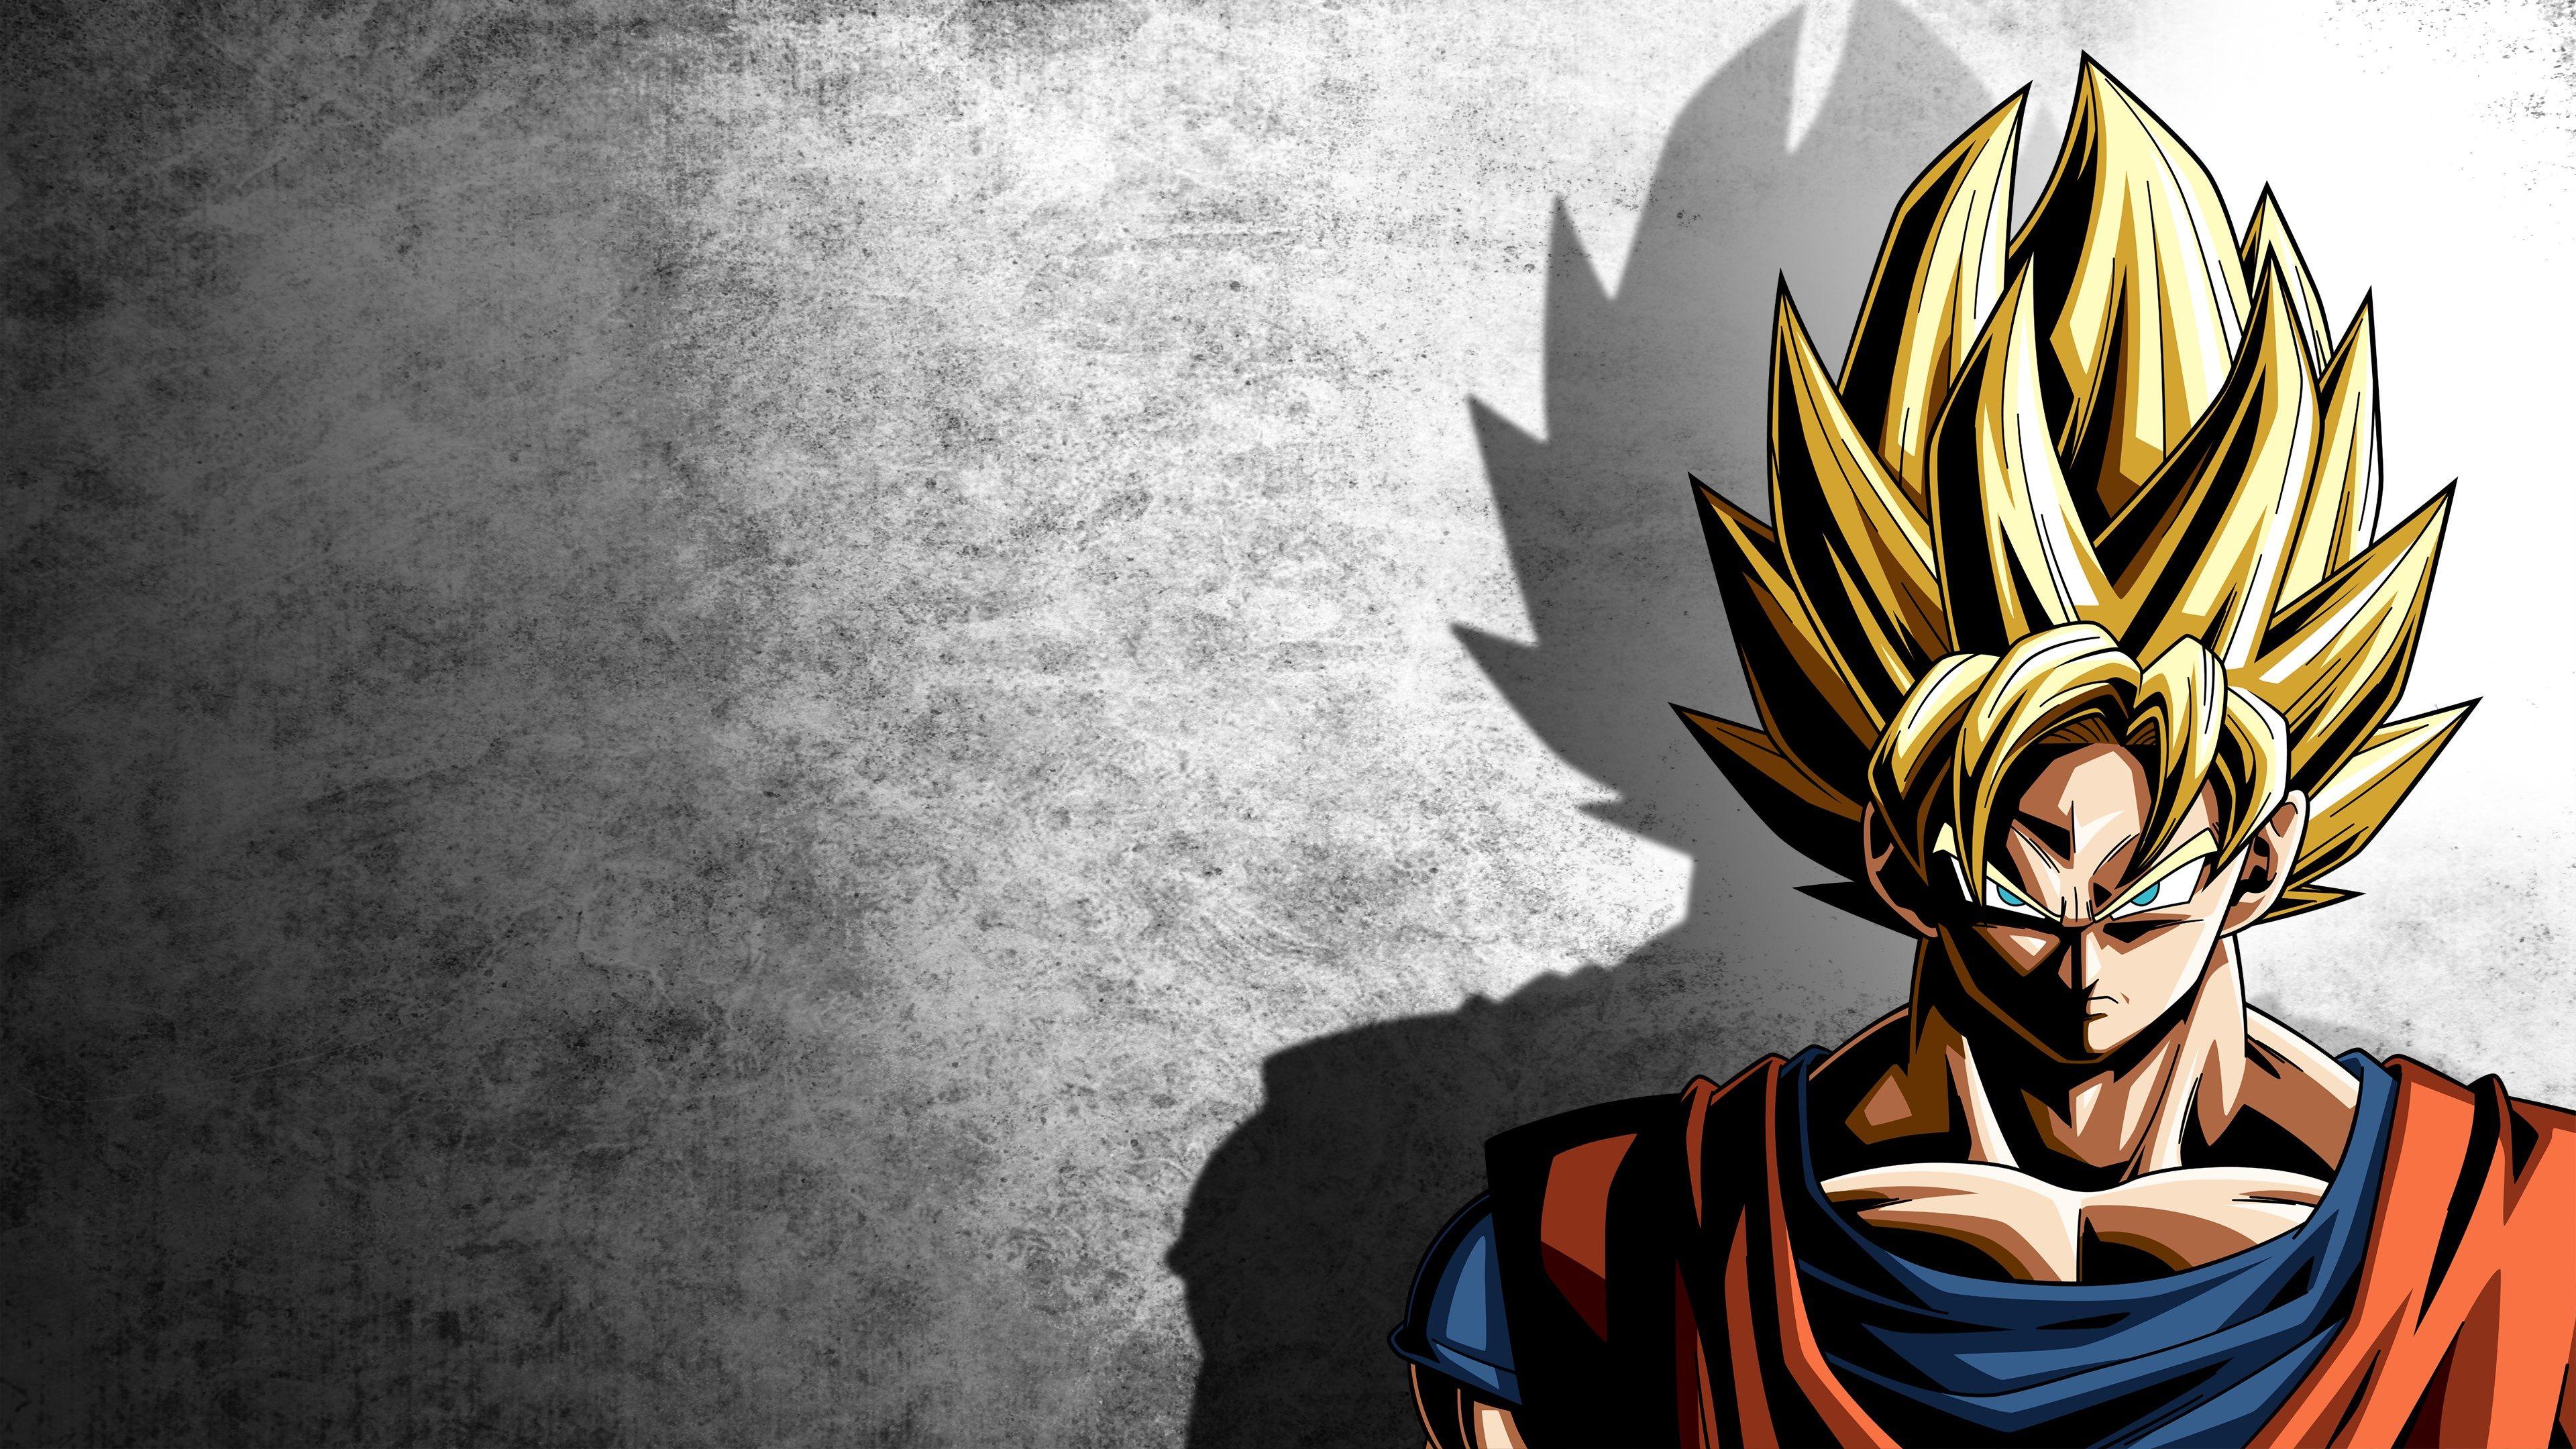 Hd Wallpaper Of Son Goku Dragon Ball Xenoverse 2 50029